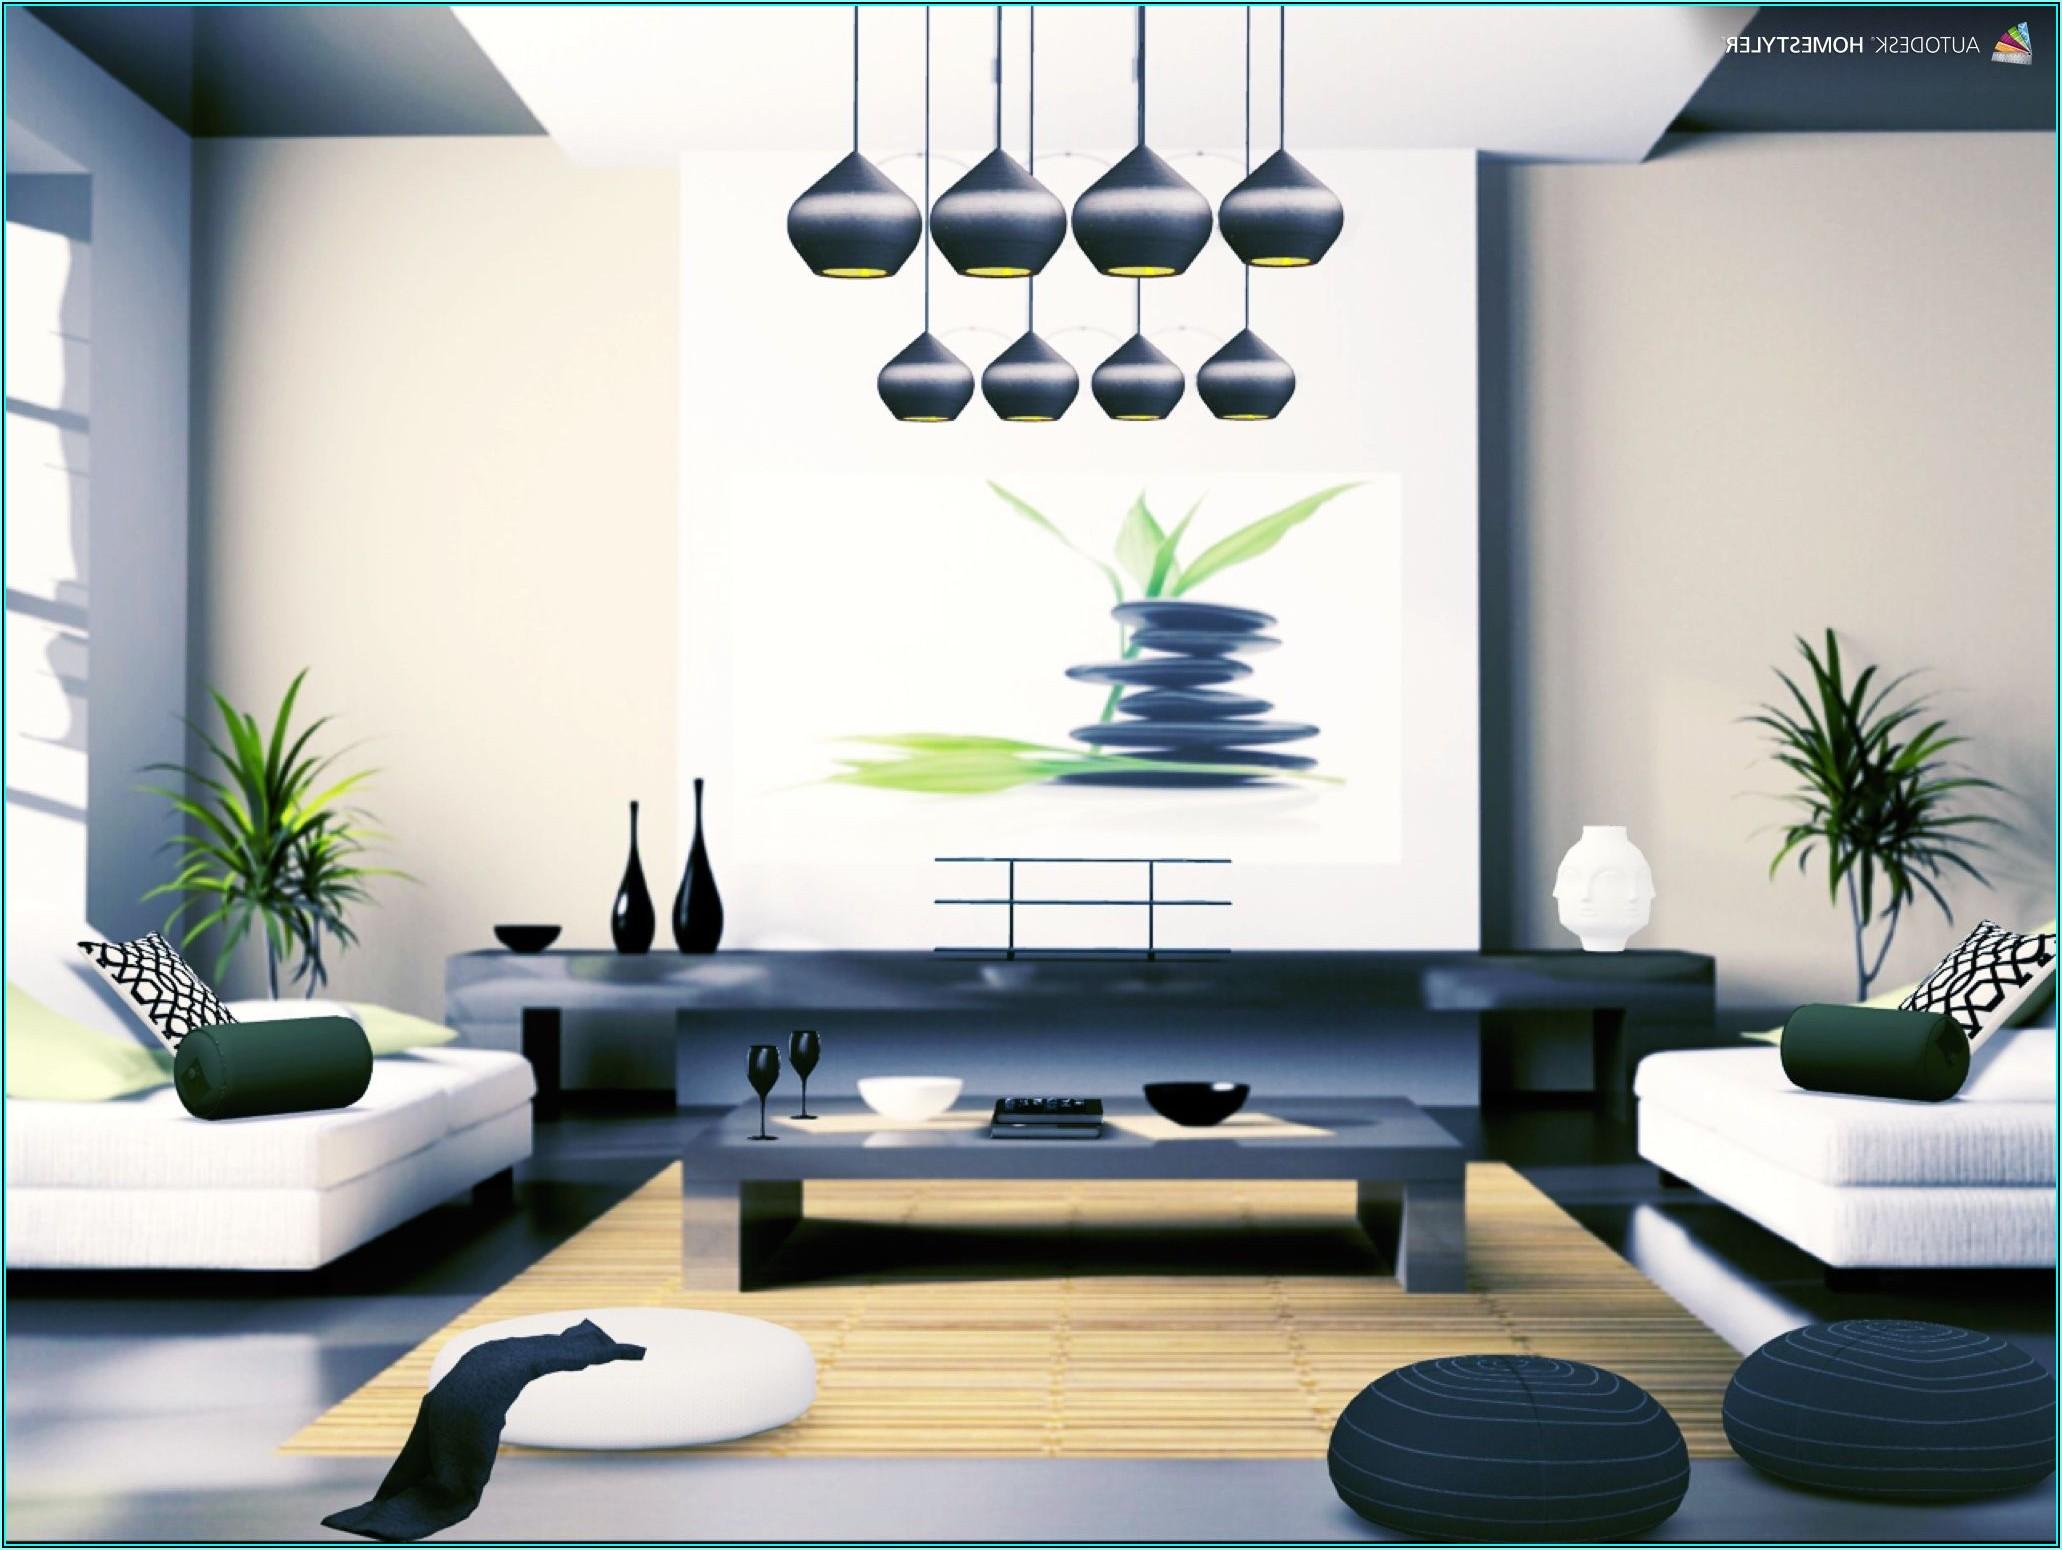 Innendesign Wohnzimmer Bilder